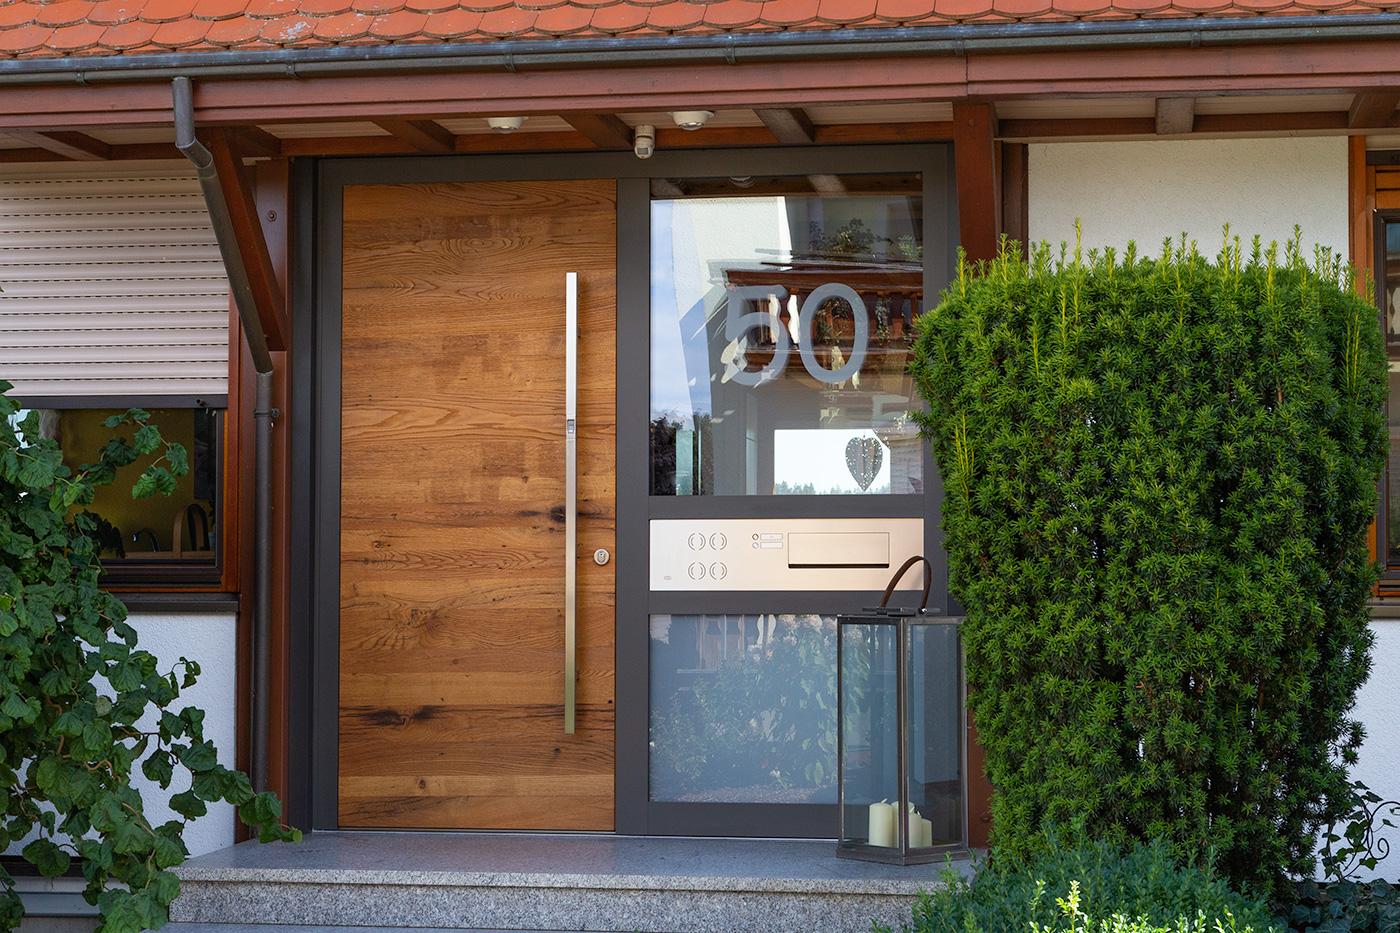 Holz-Aluminium Haustürelement mit Eiche-Altholz Türblatt und Edelstahlbriefkastenanlage